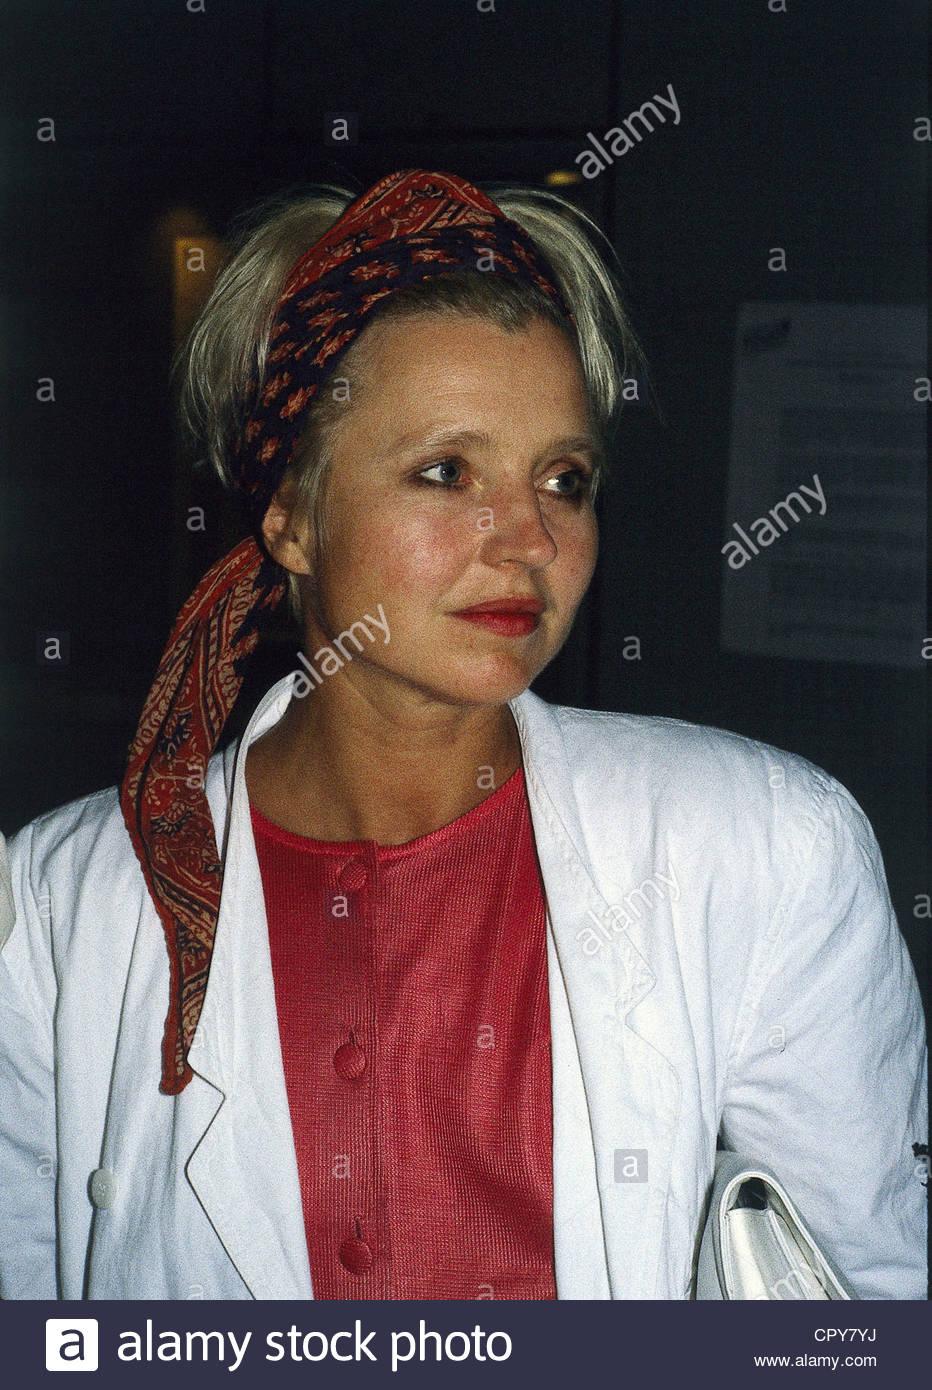 Schygulla Hanna 25121943 Deutsche Schauspielerin Porträt